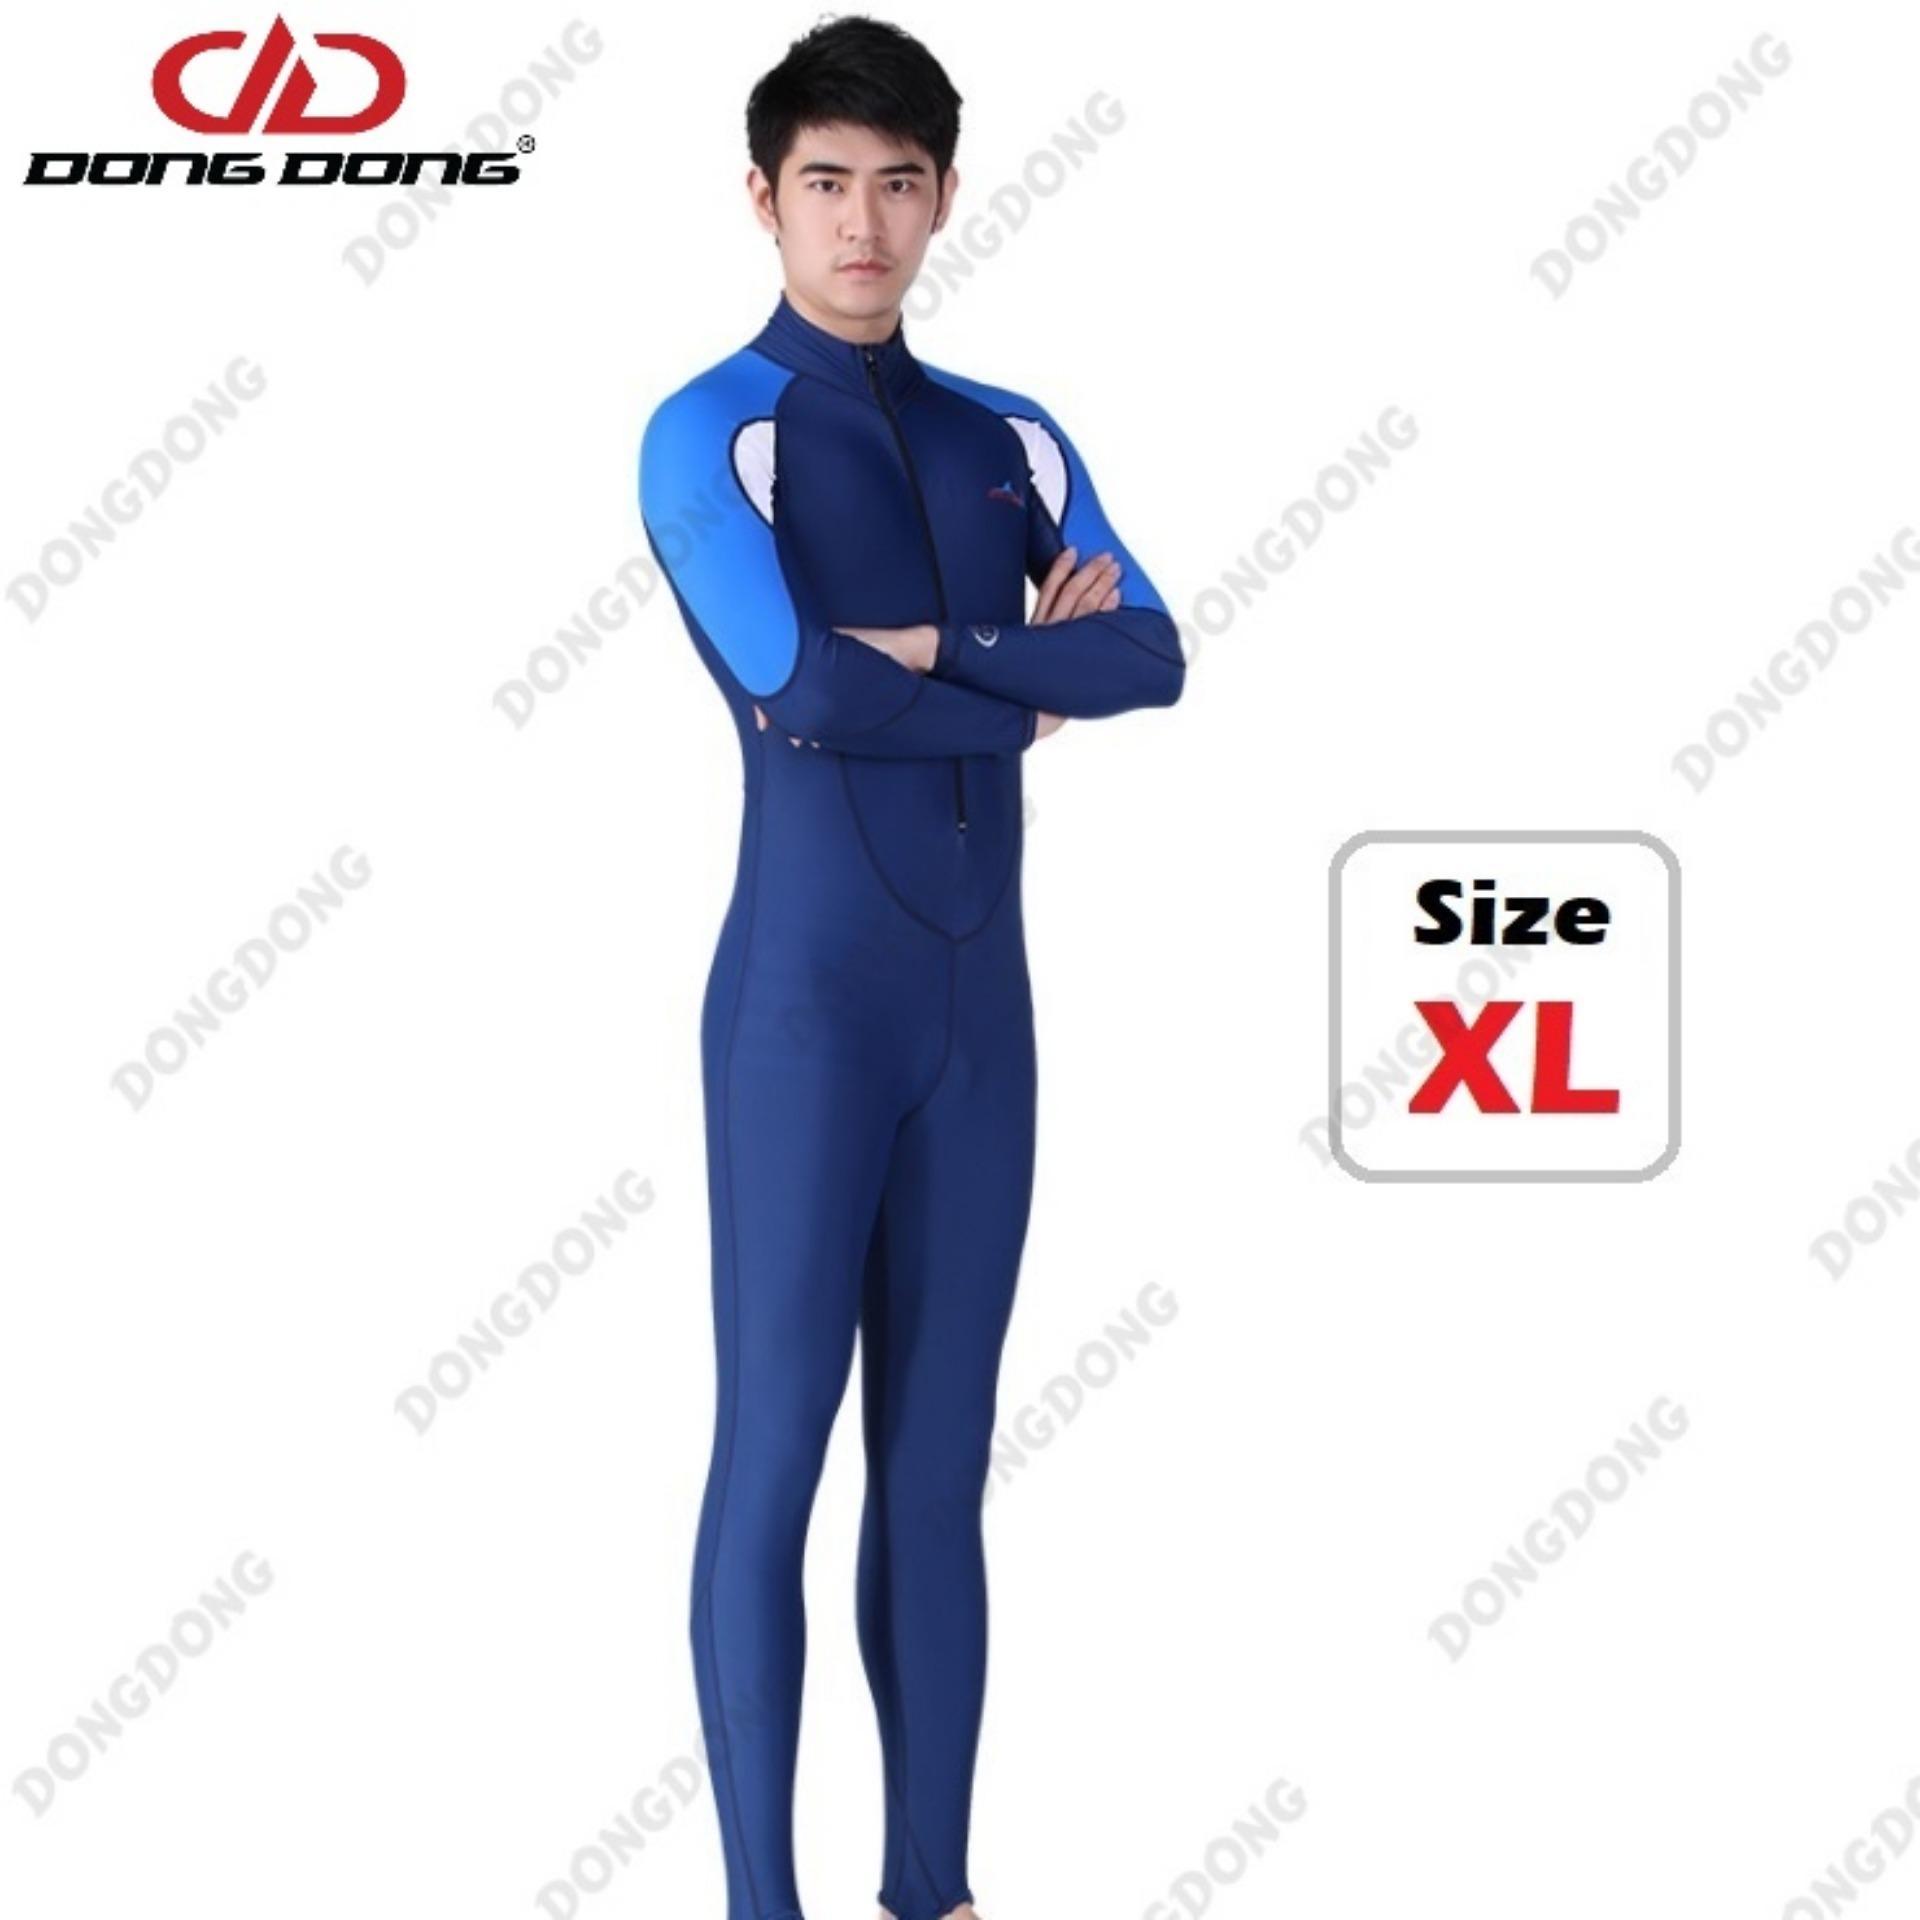 Quần áo lặn biển dài tay NAM - Size XL, cản tia UV 99% (UPF50+), chống nắng cao cấp - DONGDONG